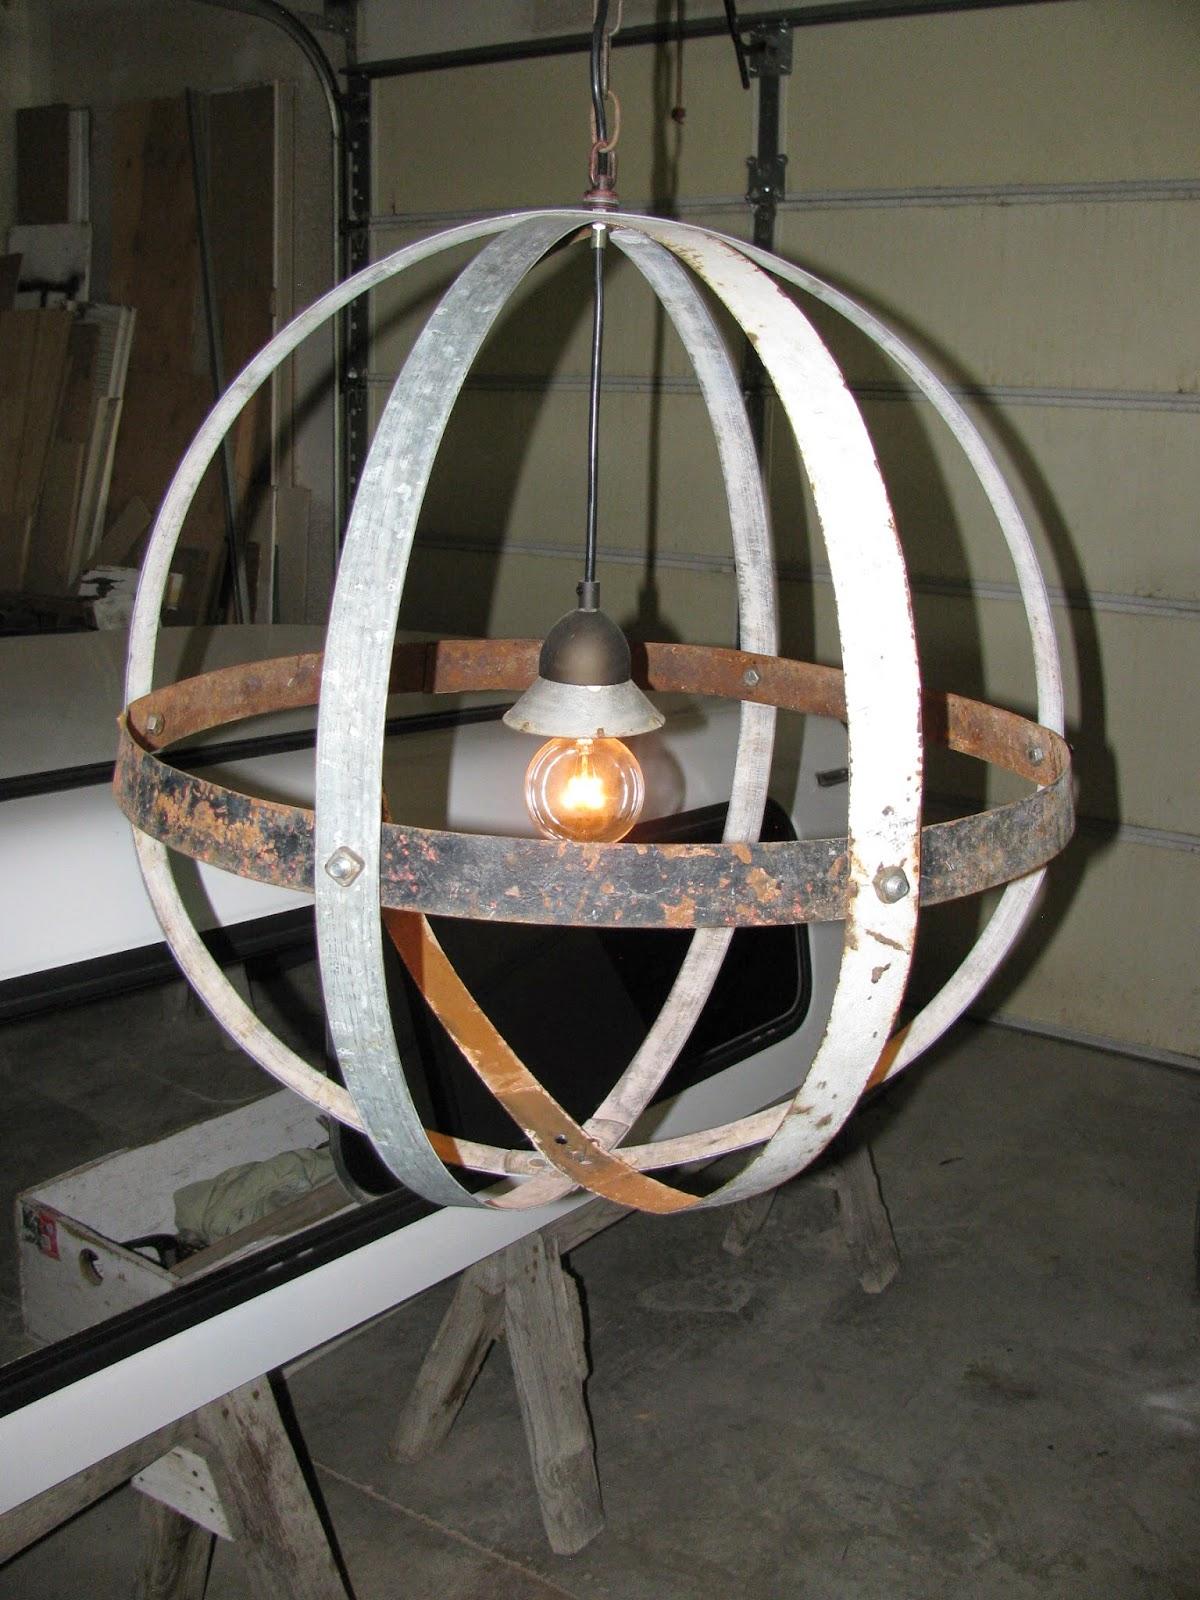 Reclaimed Rustics: VINTAGE ORB LIGHT FIXTURE